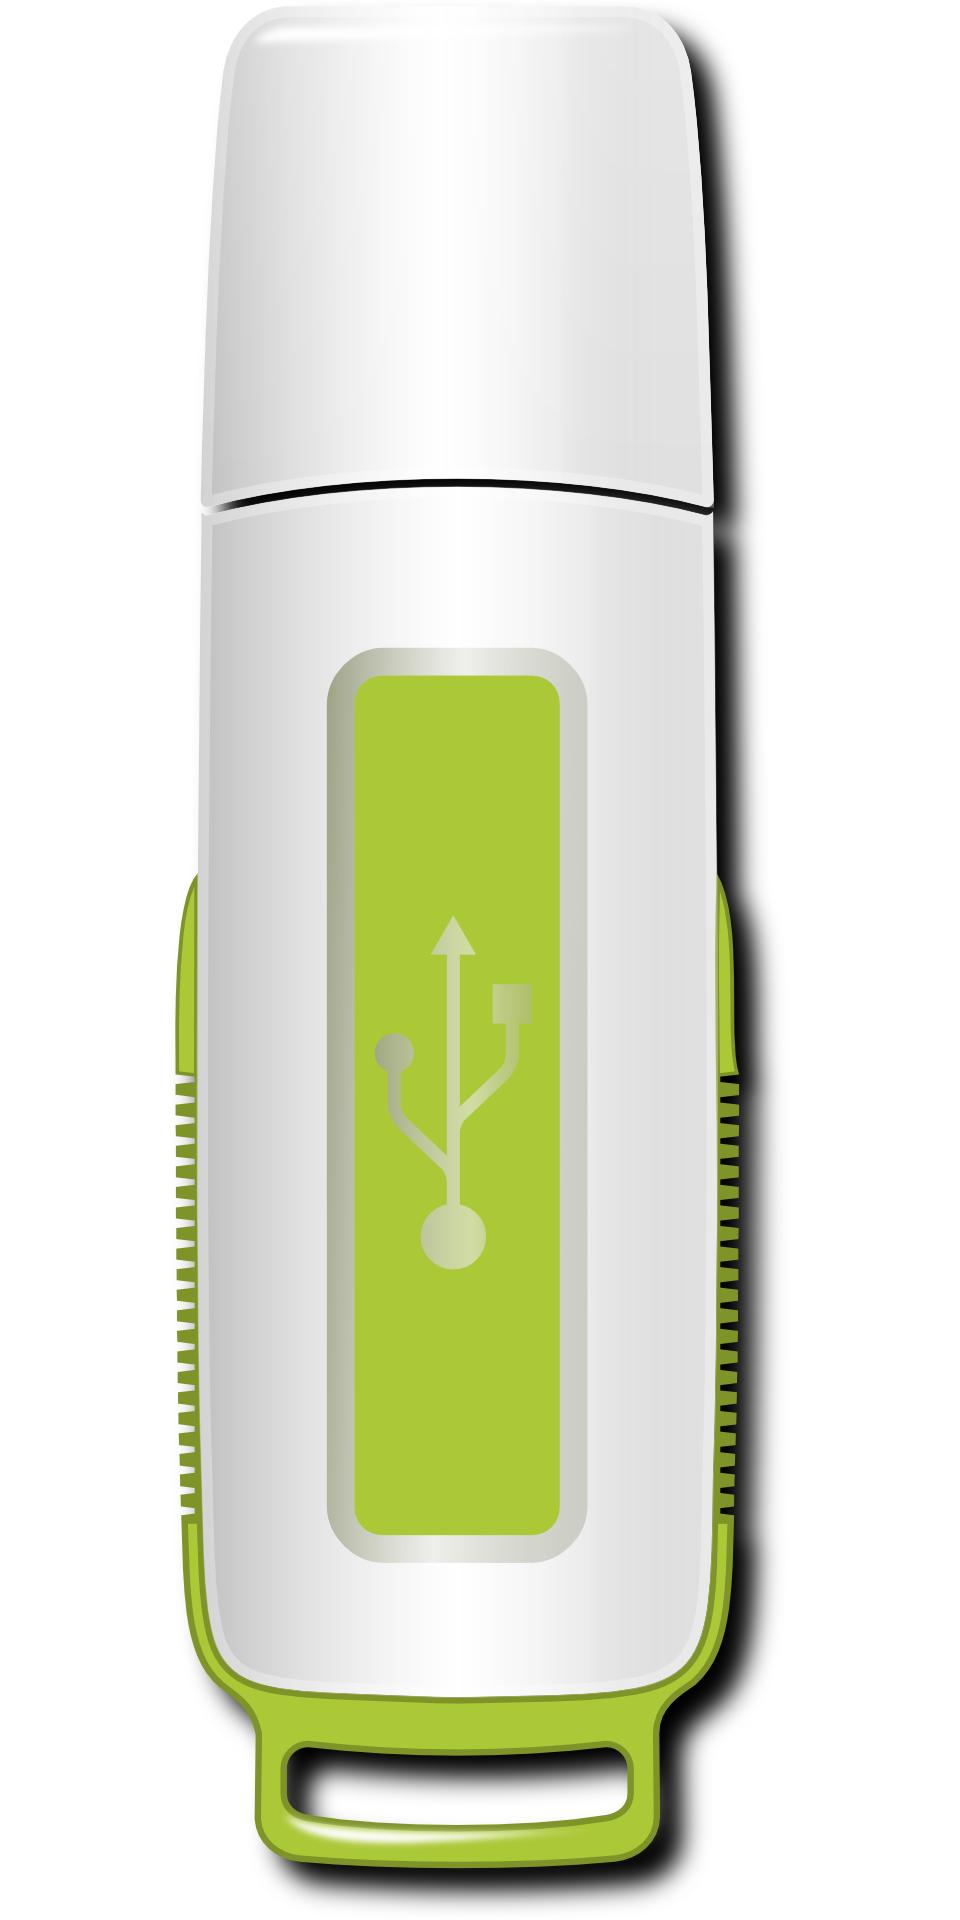 memory usb drive,storage ,flash memorial vector